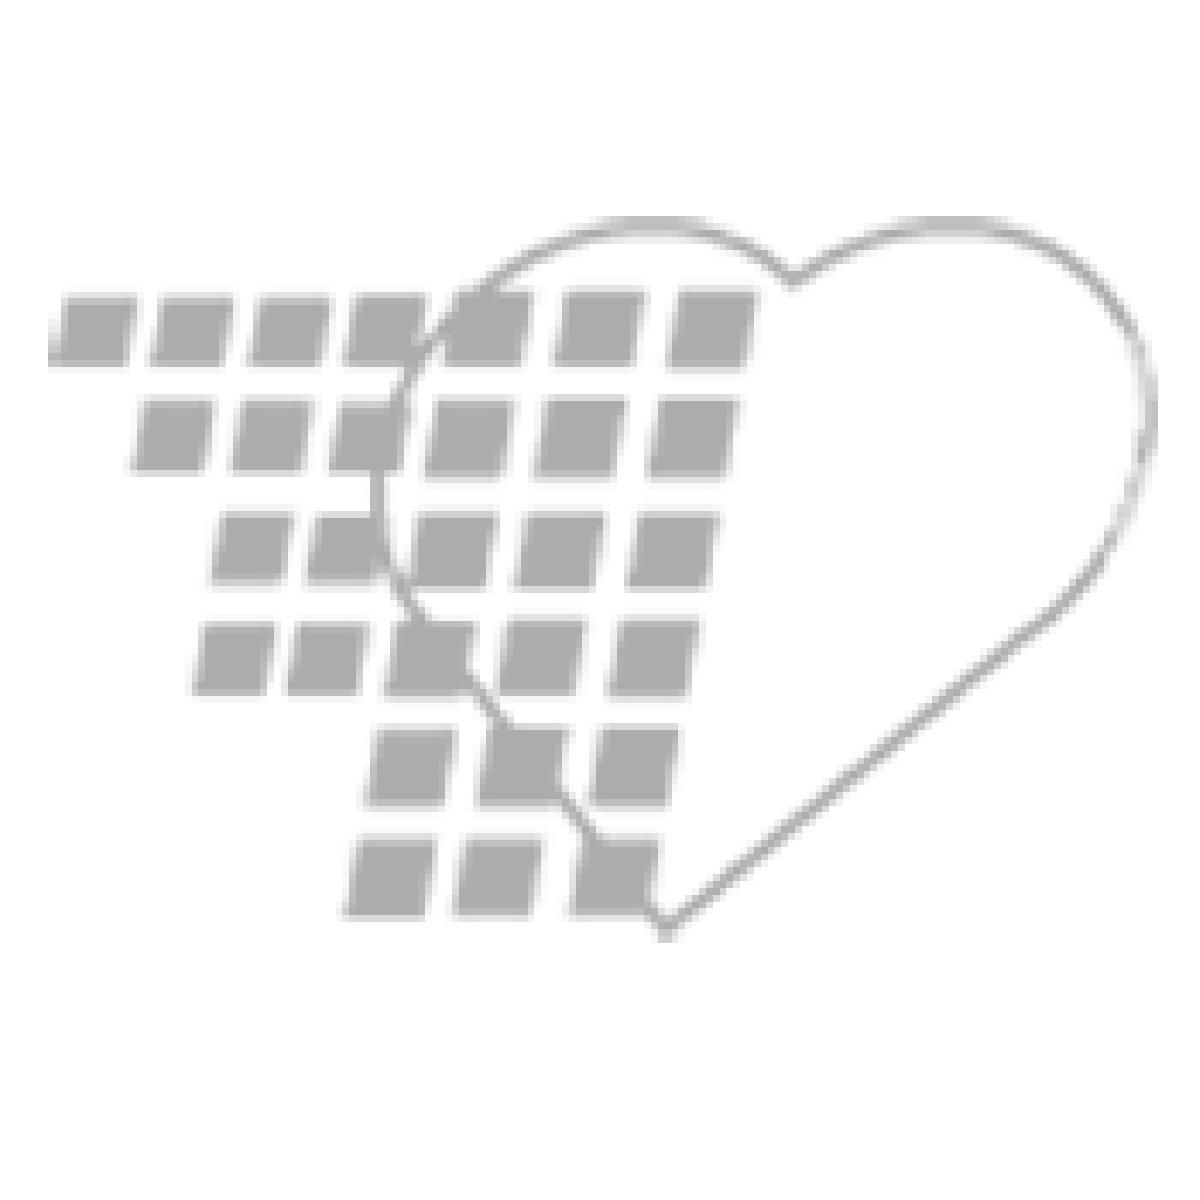 02-43-2073 Stand for CareScape V100